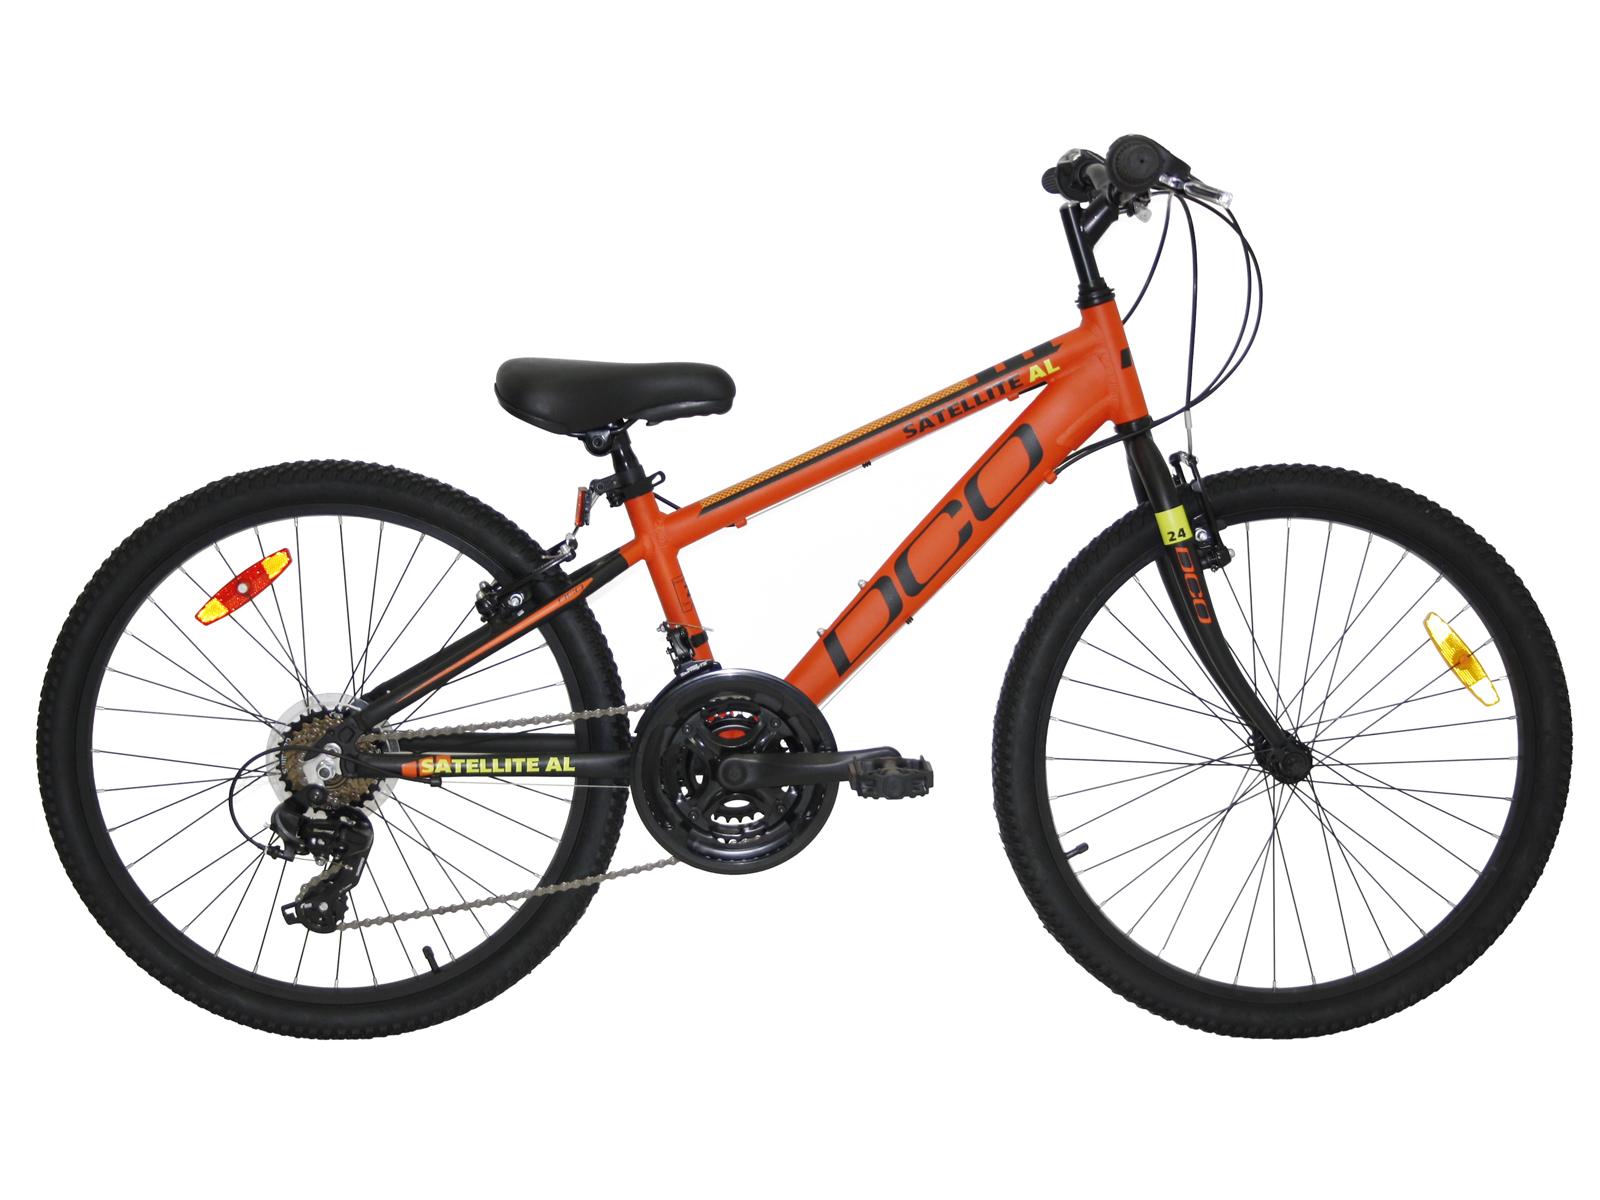 DCO Satellite 24in Aluminum Mountain Bike